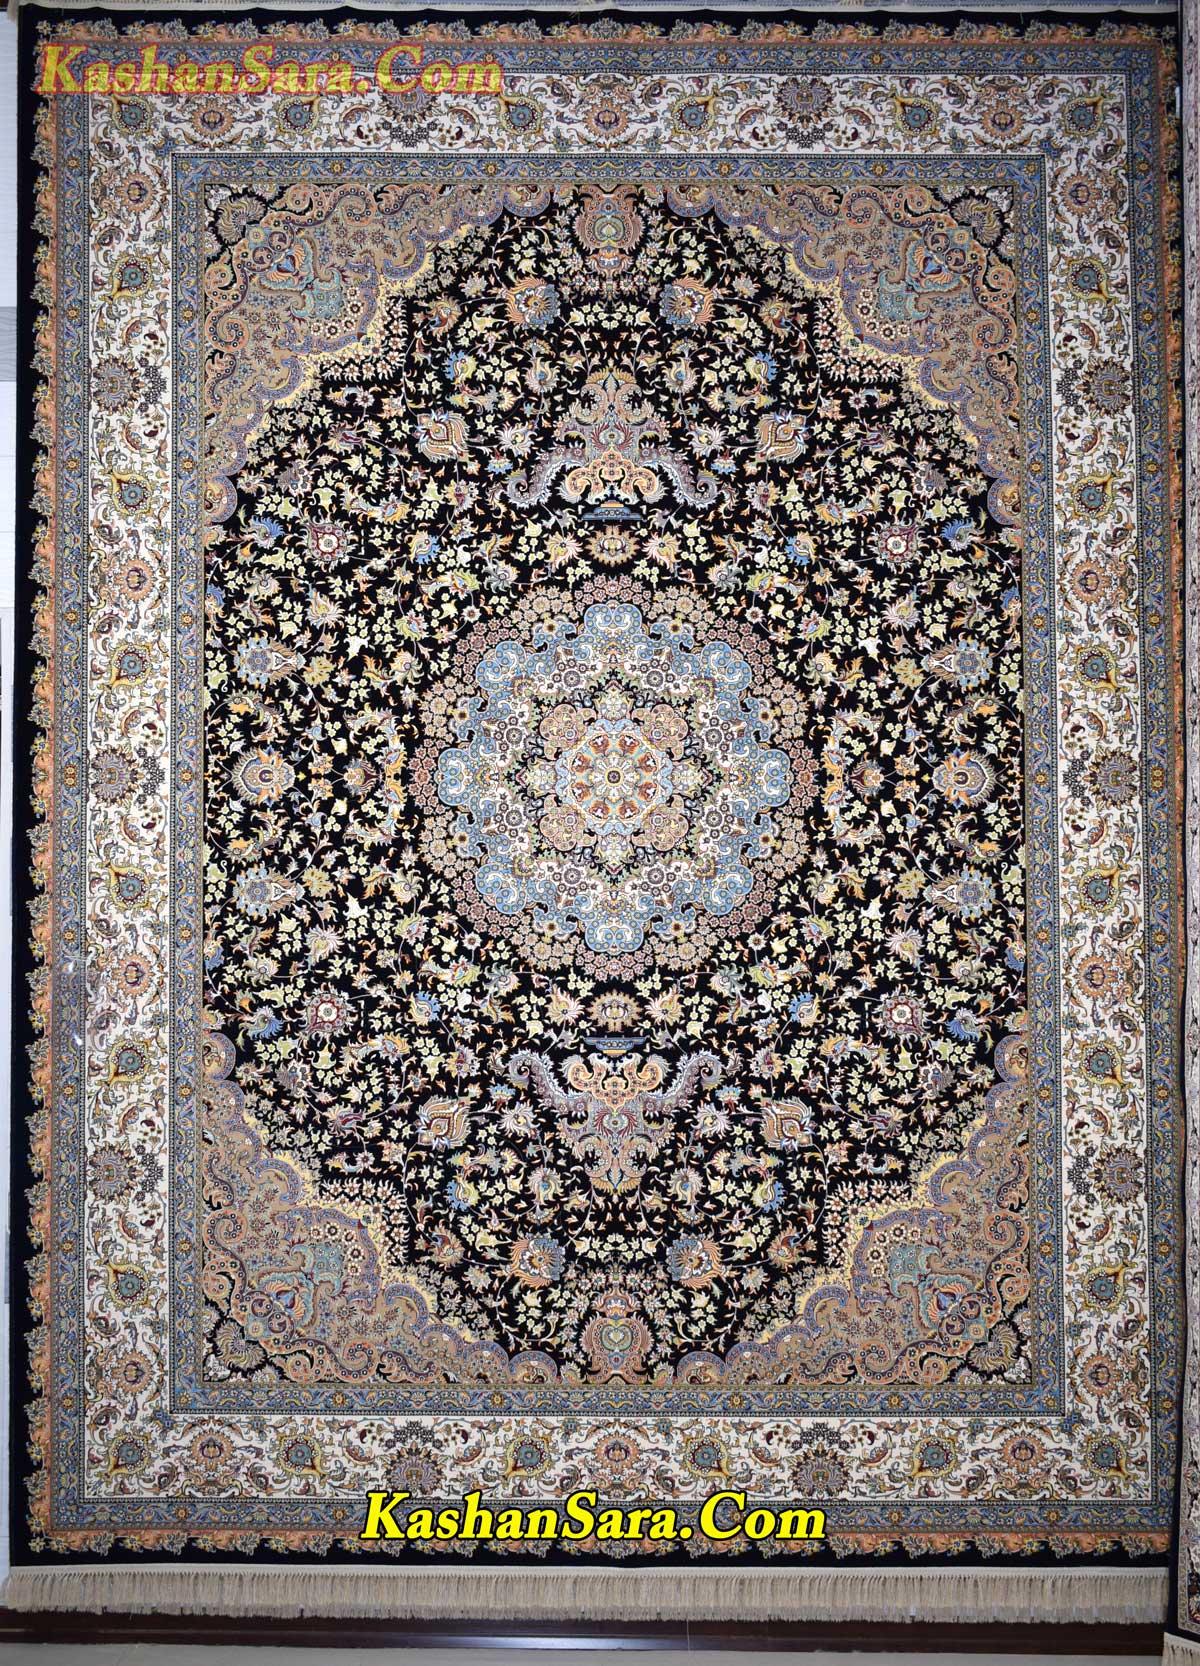 فرش ۱۲۰۰ شانه کاشان نقشه یلدا